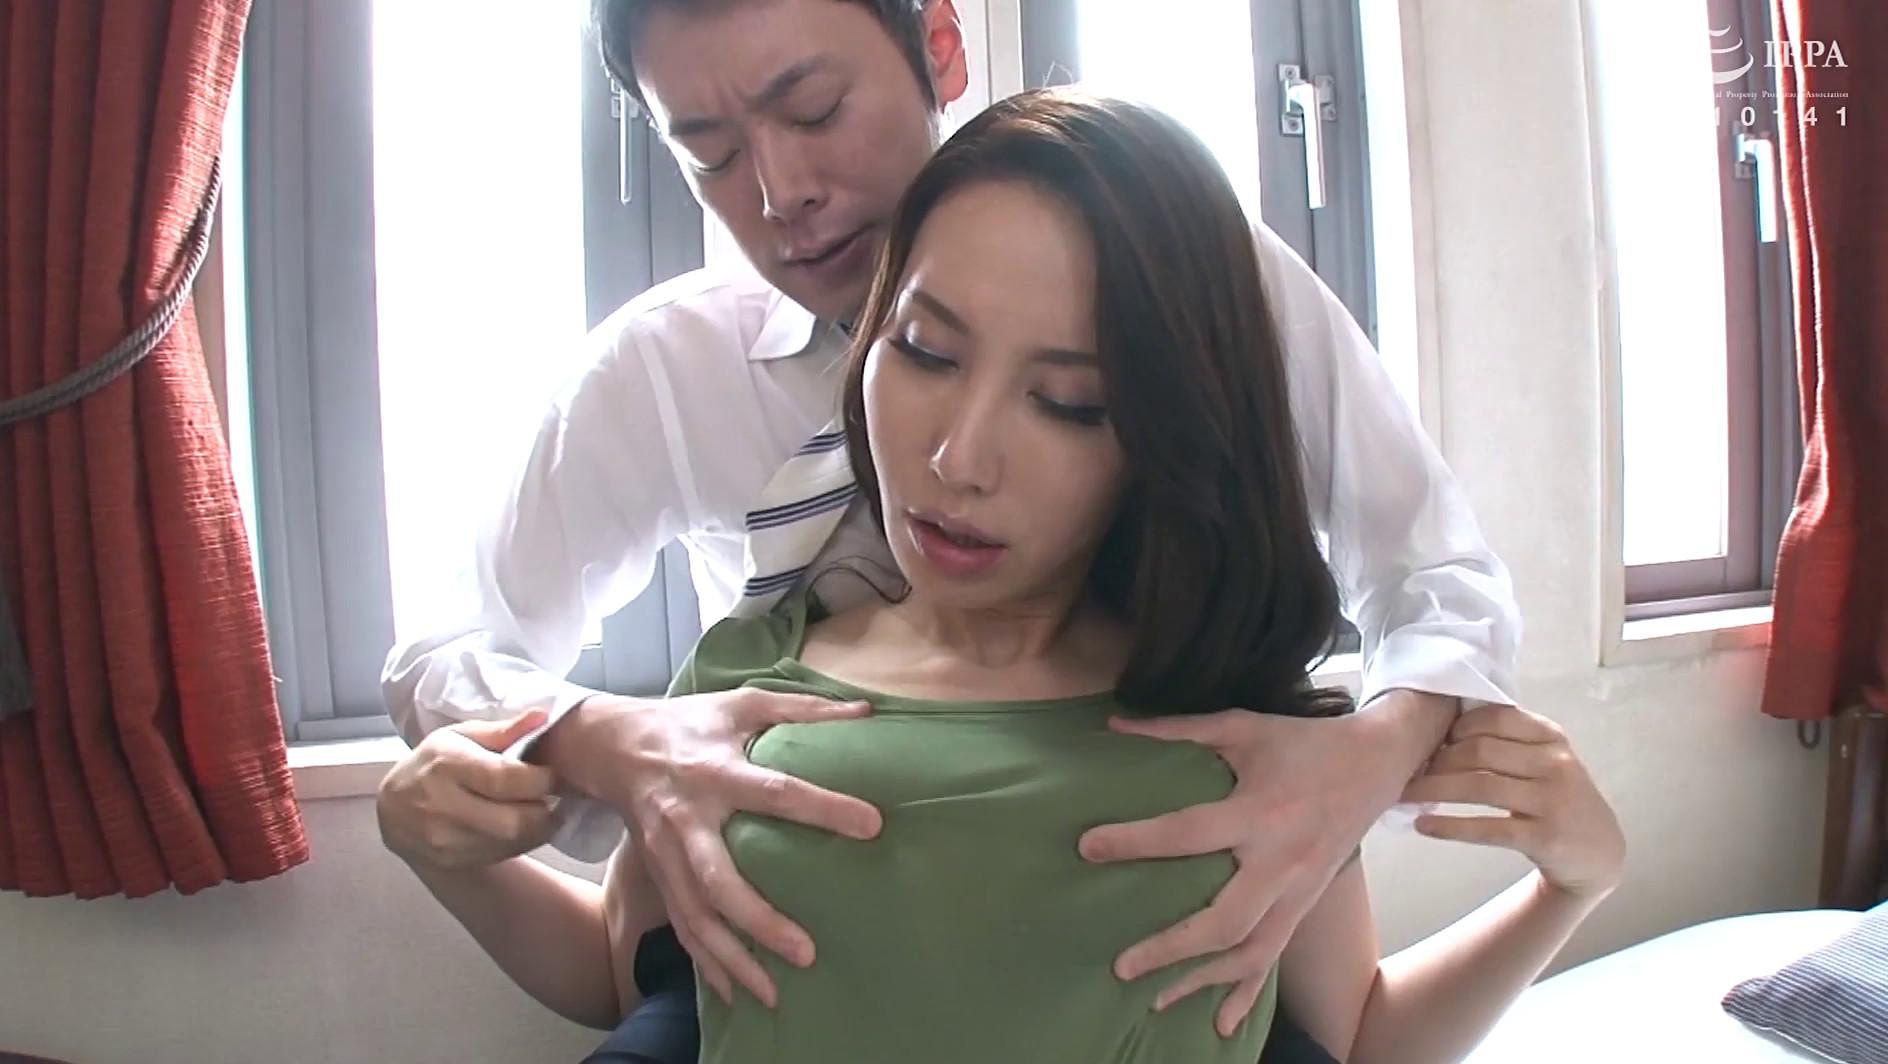 昼間からムラムラ発情!!乳首スケスケノーブラで誘惑 淫乱爆乳妻の汗だく中出し交尾 30人8時間 画像13